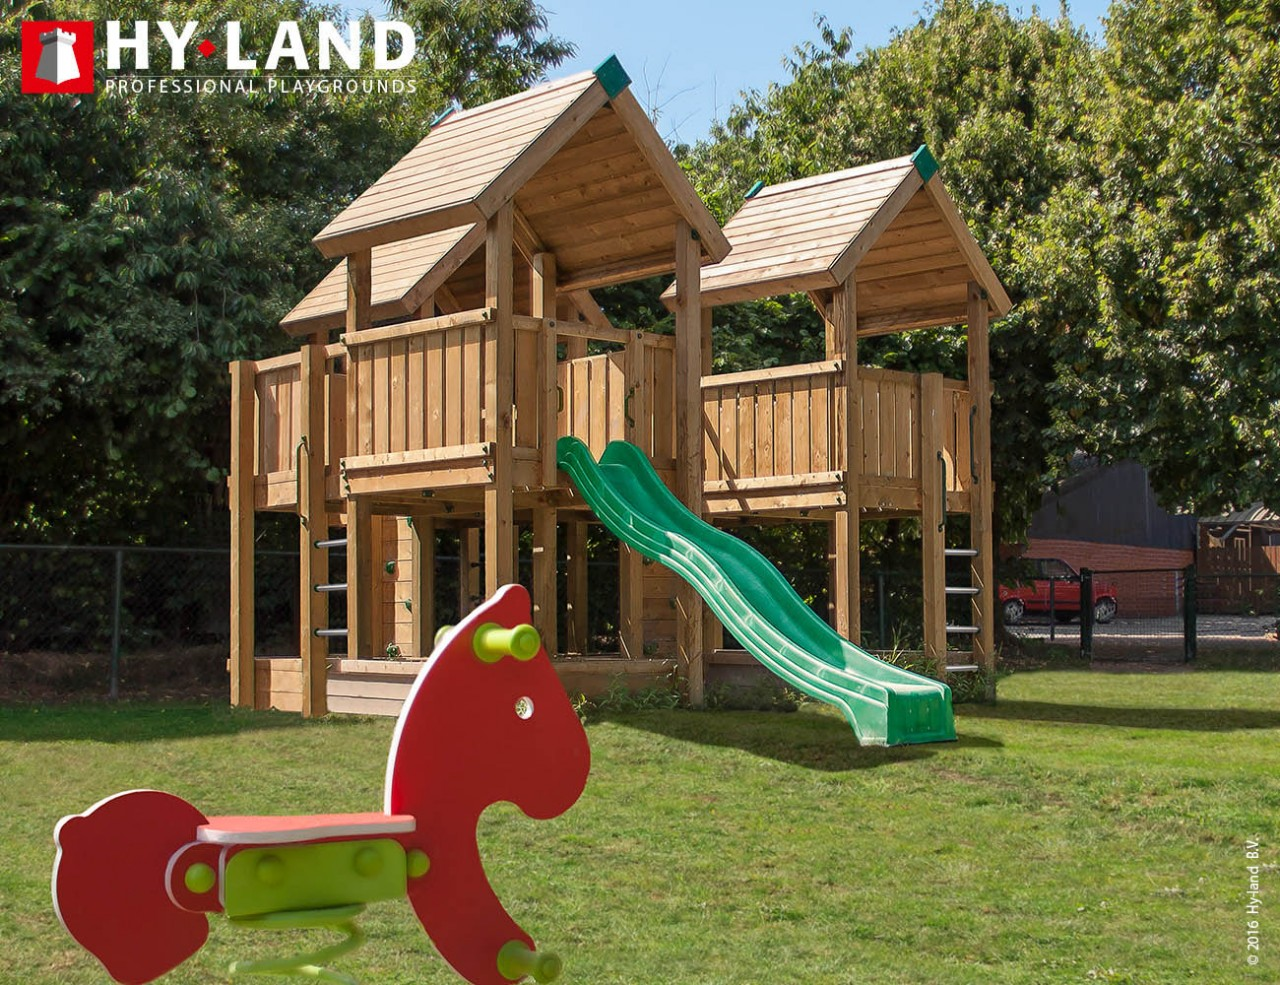 Spielturm Hy-Land P8 in Douglasie